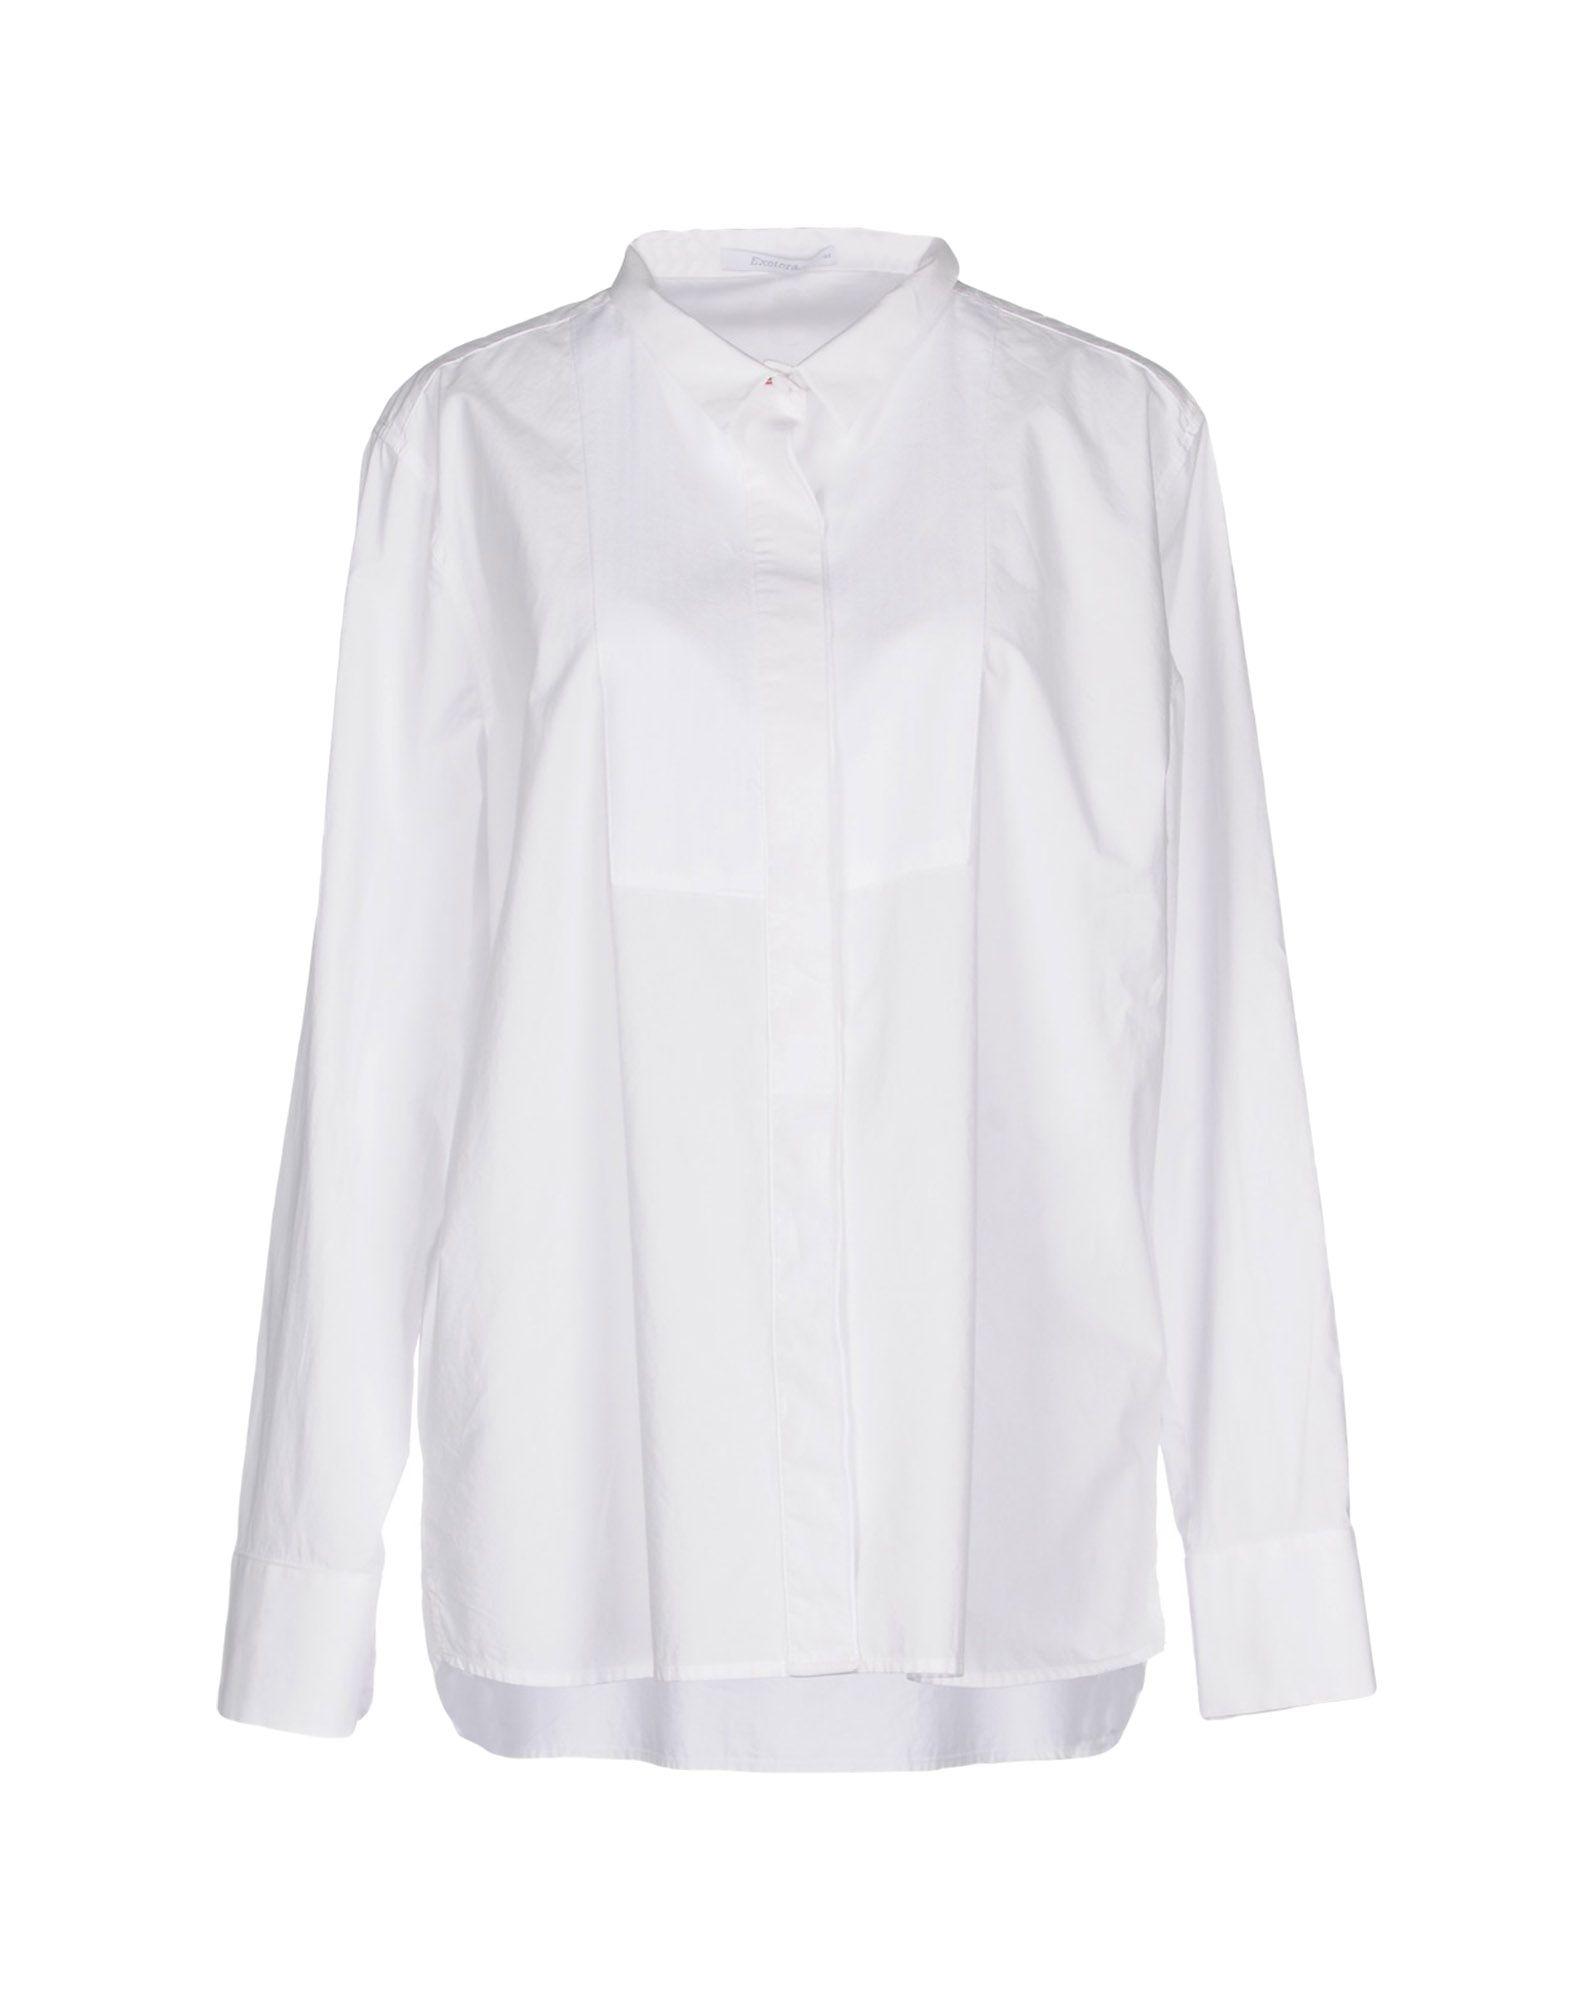 EXETERA Pубашка цены онлайн